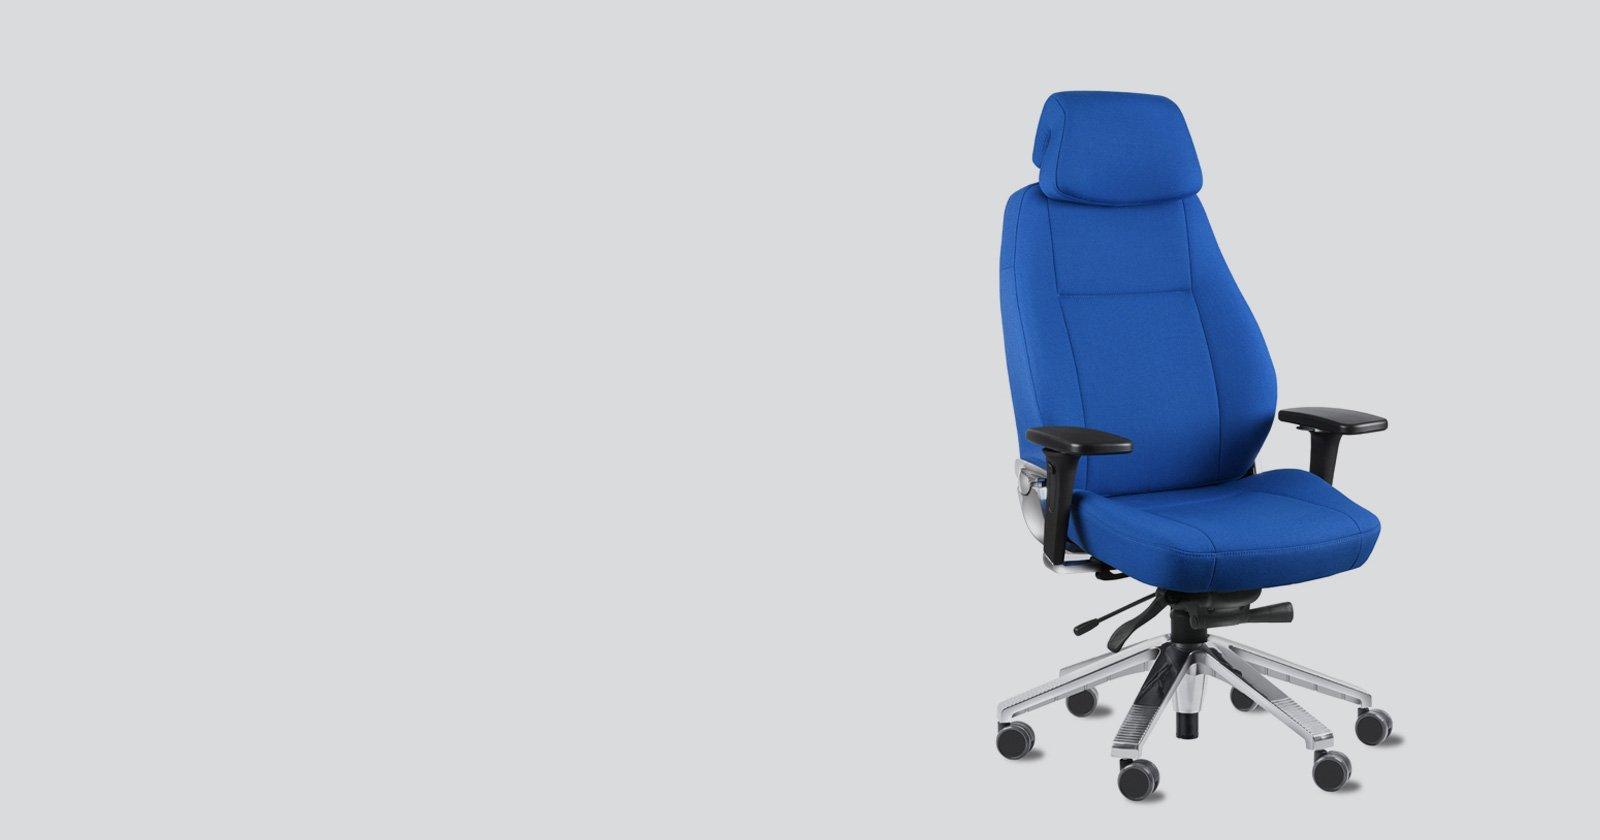 Xxl Burostuhl 150 Kg Endlich Gut Sitzen Kostenlos Testen